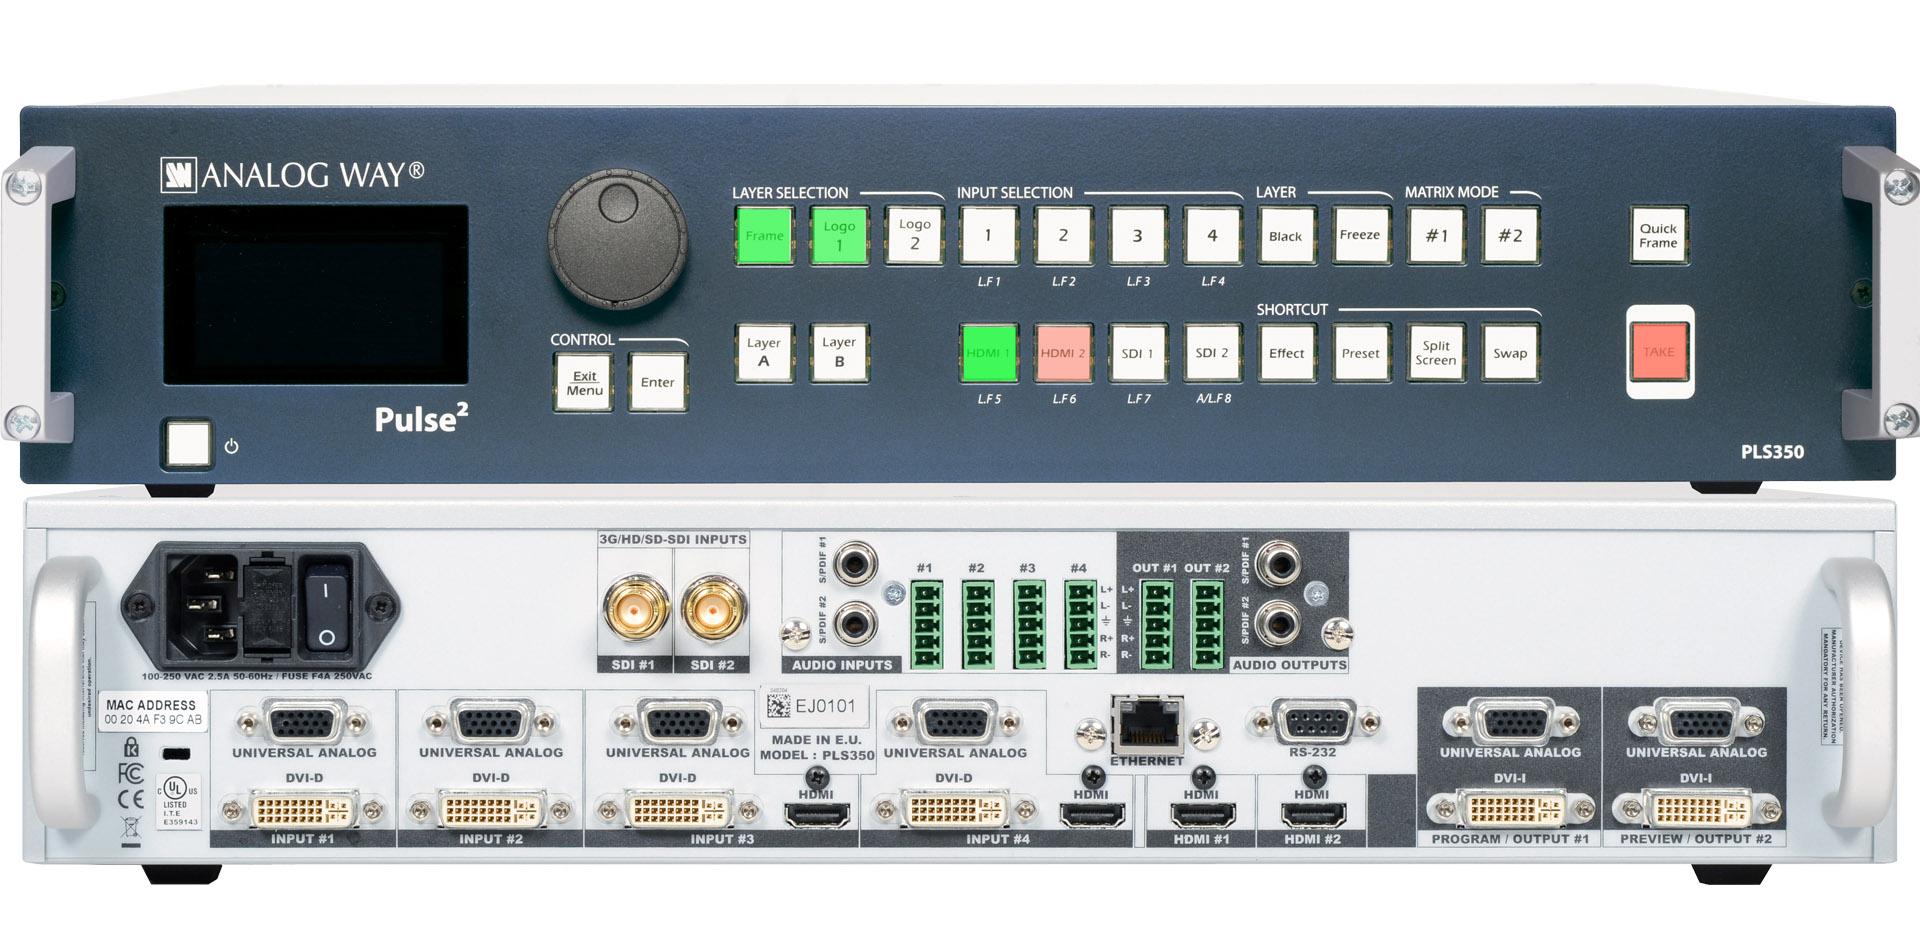 Analogway PLS350 Pulse 2 Switcher Image